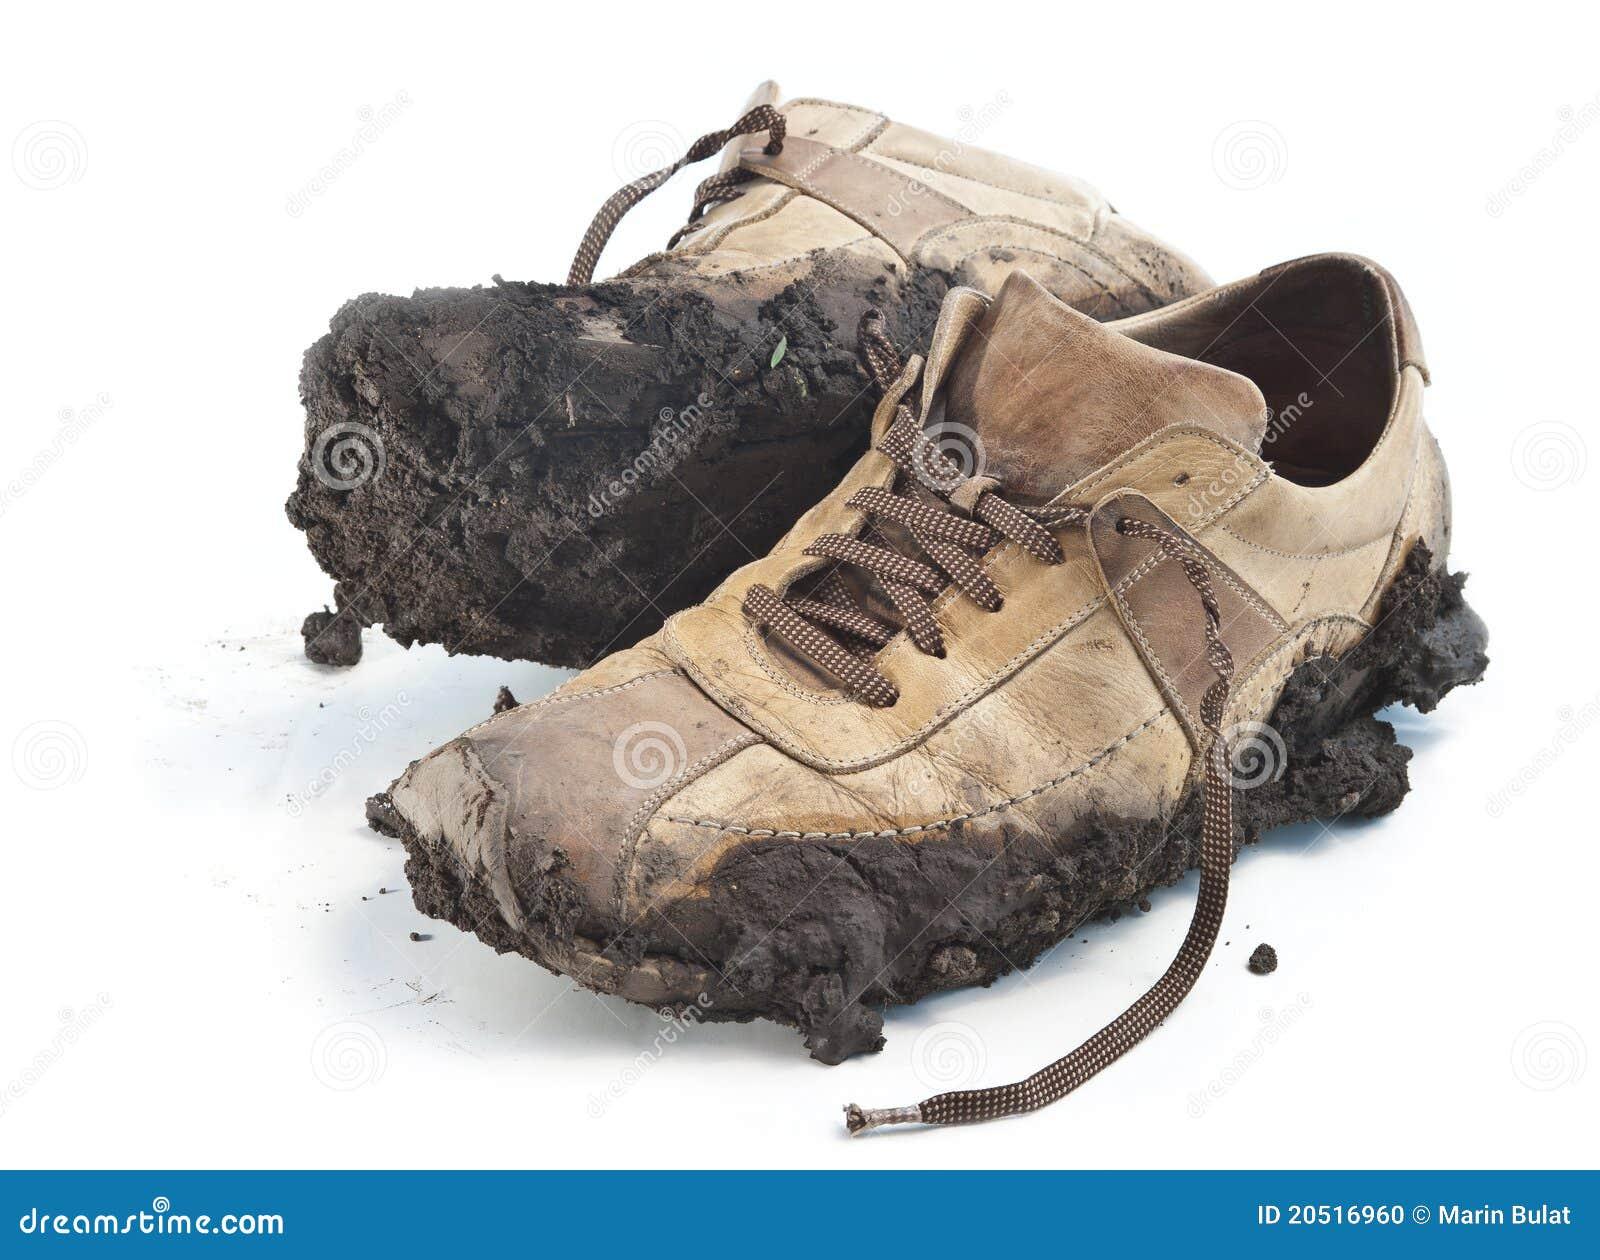 Целовать грязную обувь 5 фотография